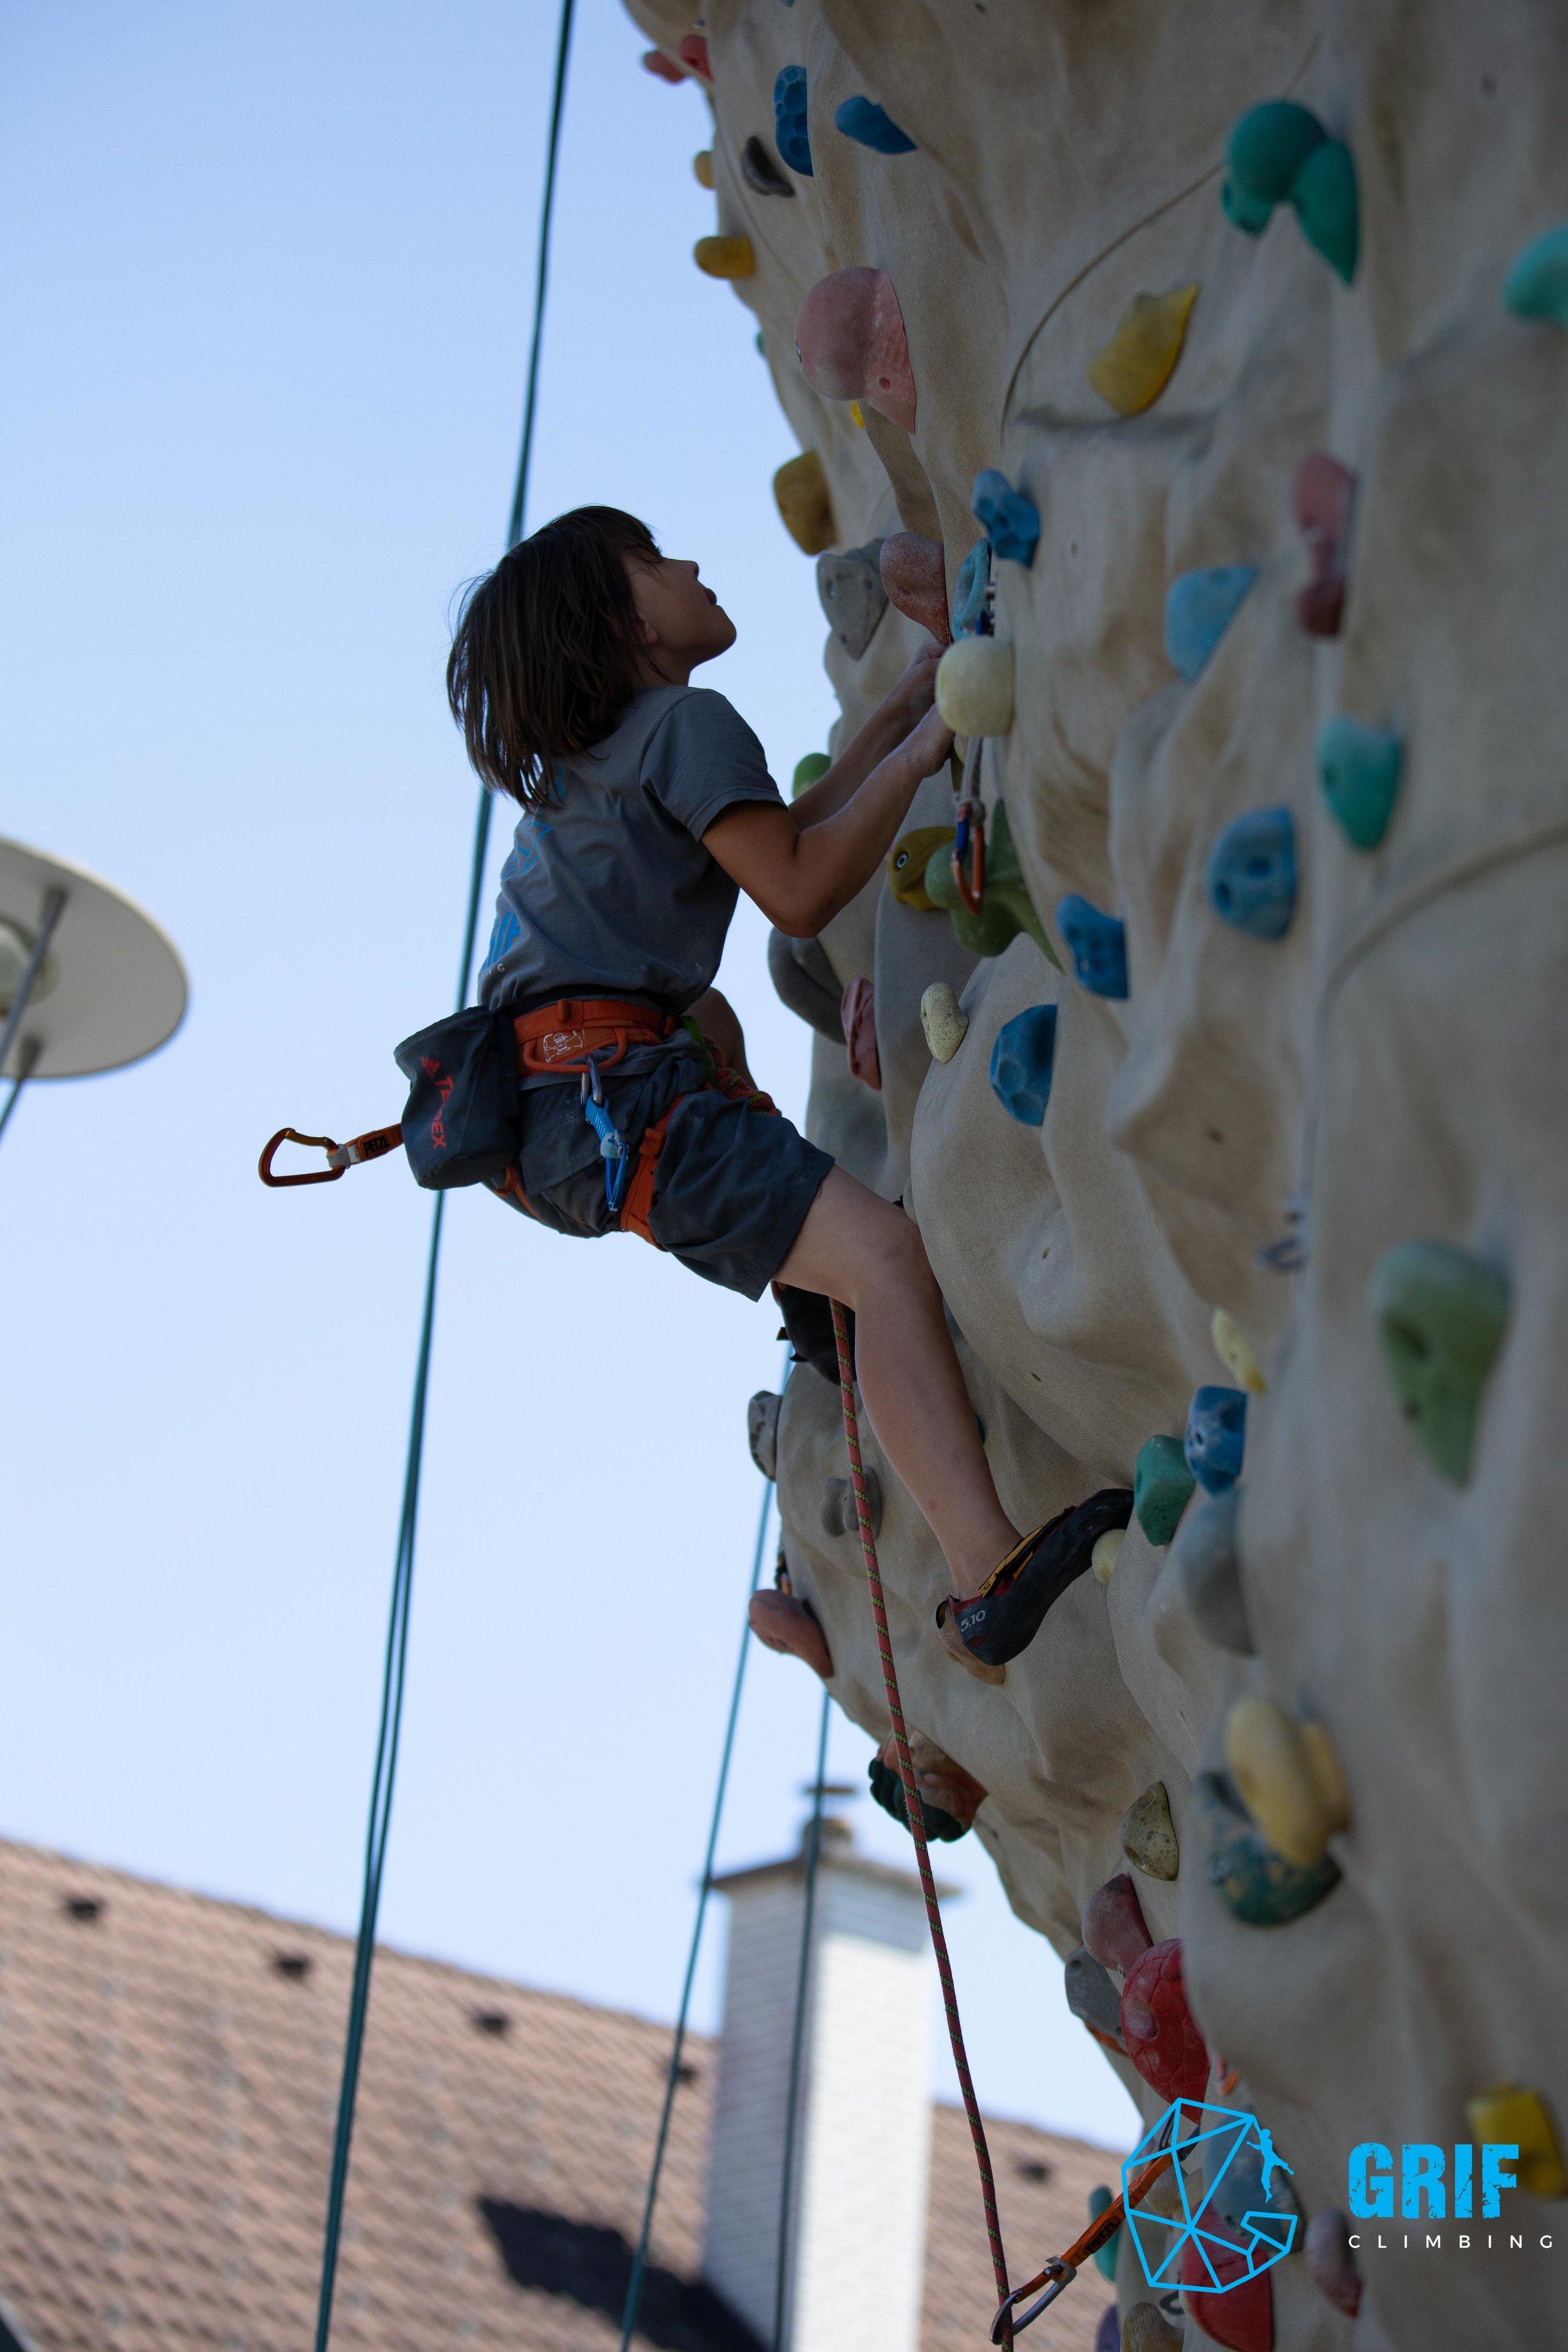 Aktivno počitniško varstvo za otroke Plezalno društvo Grif183.jpg